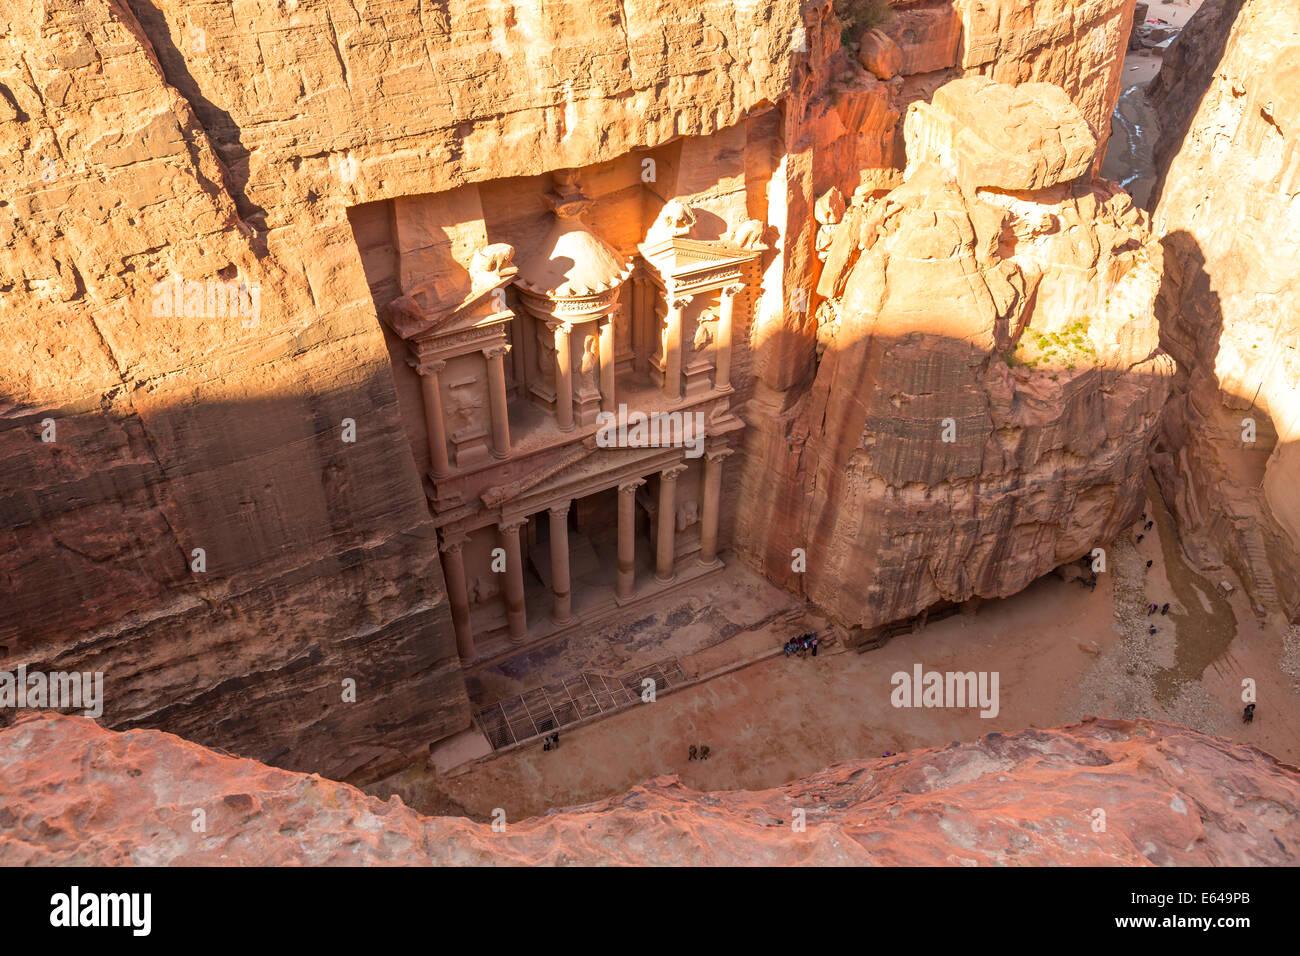 The Treasury, (El Khazneh), Petra, Jordan - Stock Image